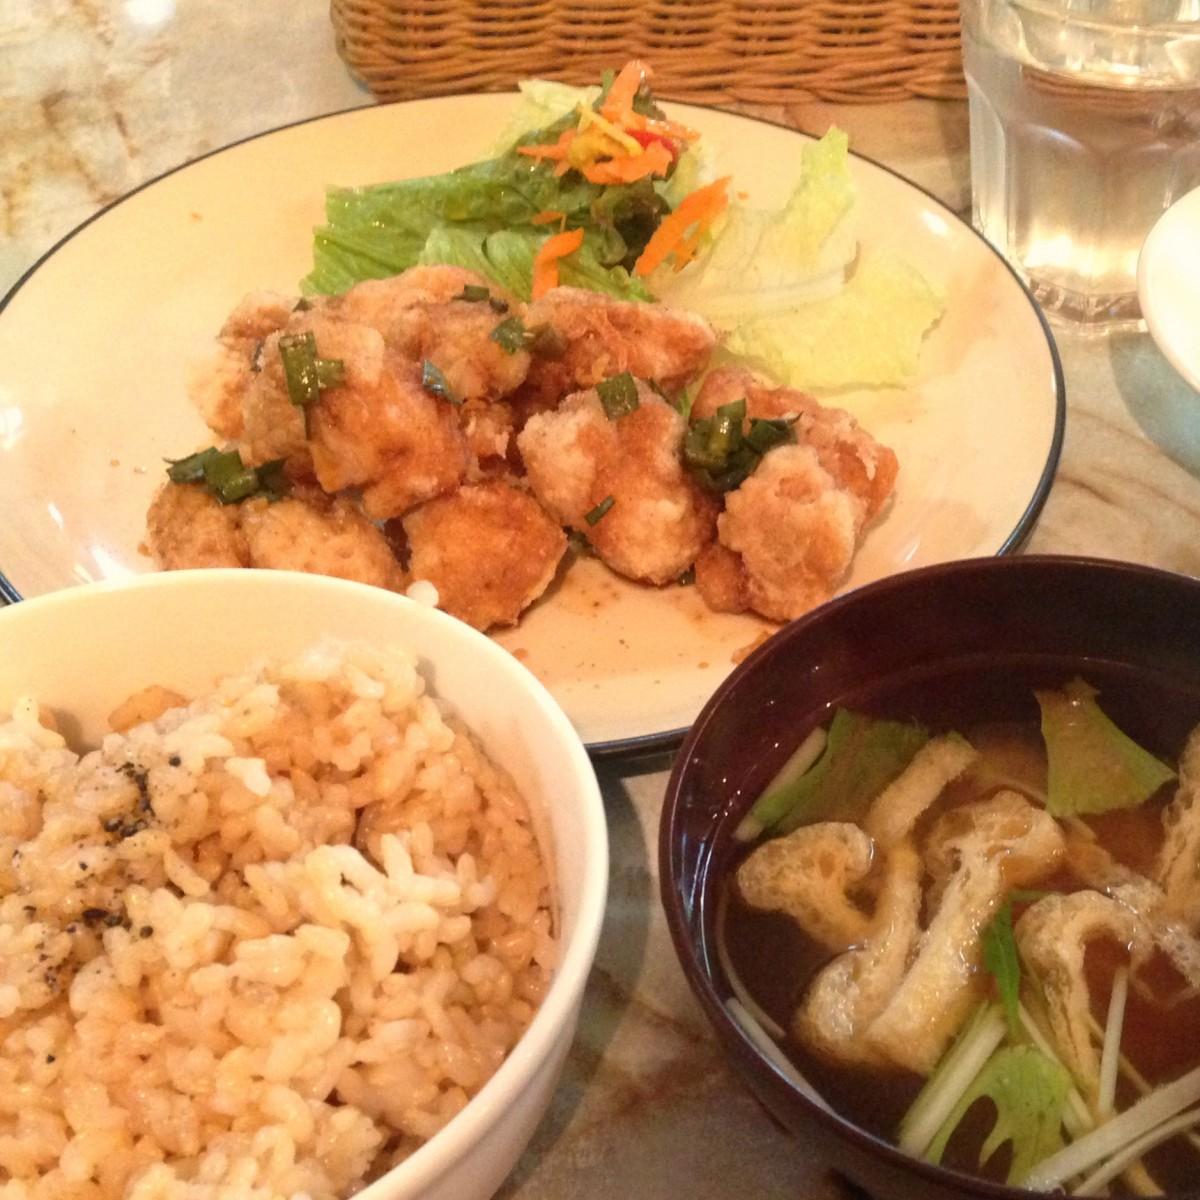 【ヴィーガンランチ】肉レスなのに満腹大満足のヘルシーランチを「なぎ食堂」で@渋谷